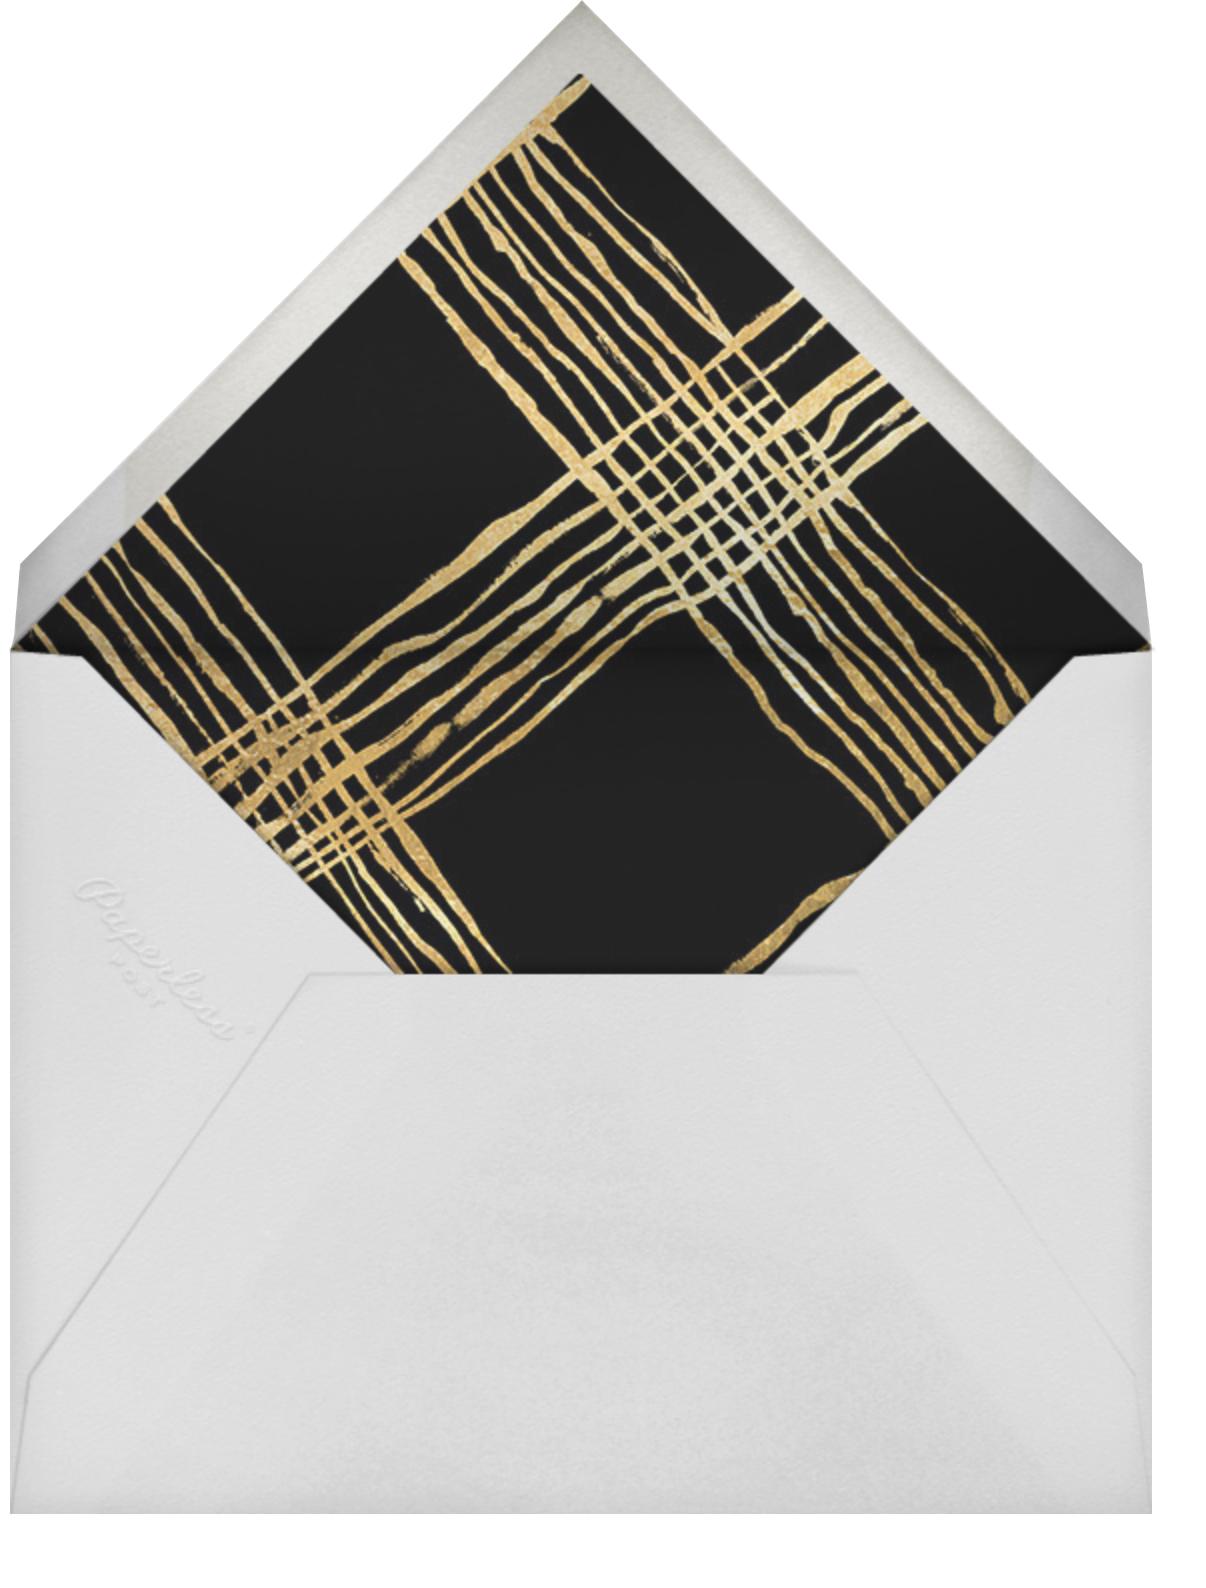 Entangle - Kelly Wearstler - General entertaining - envelope back